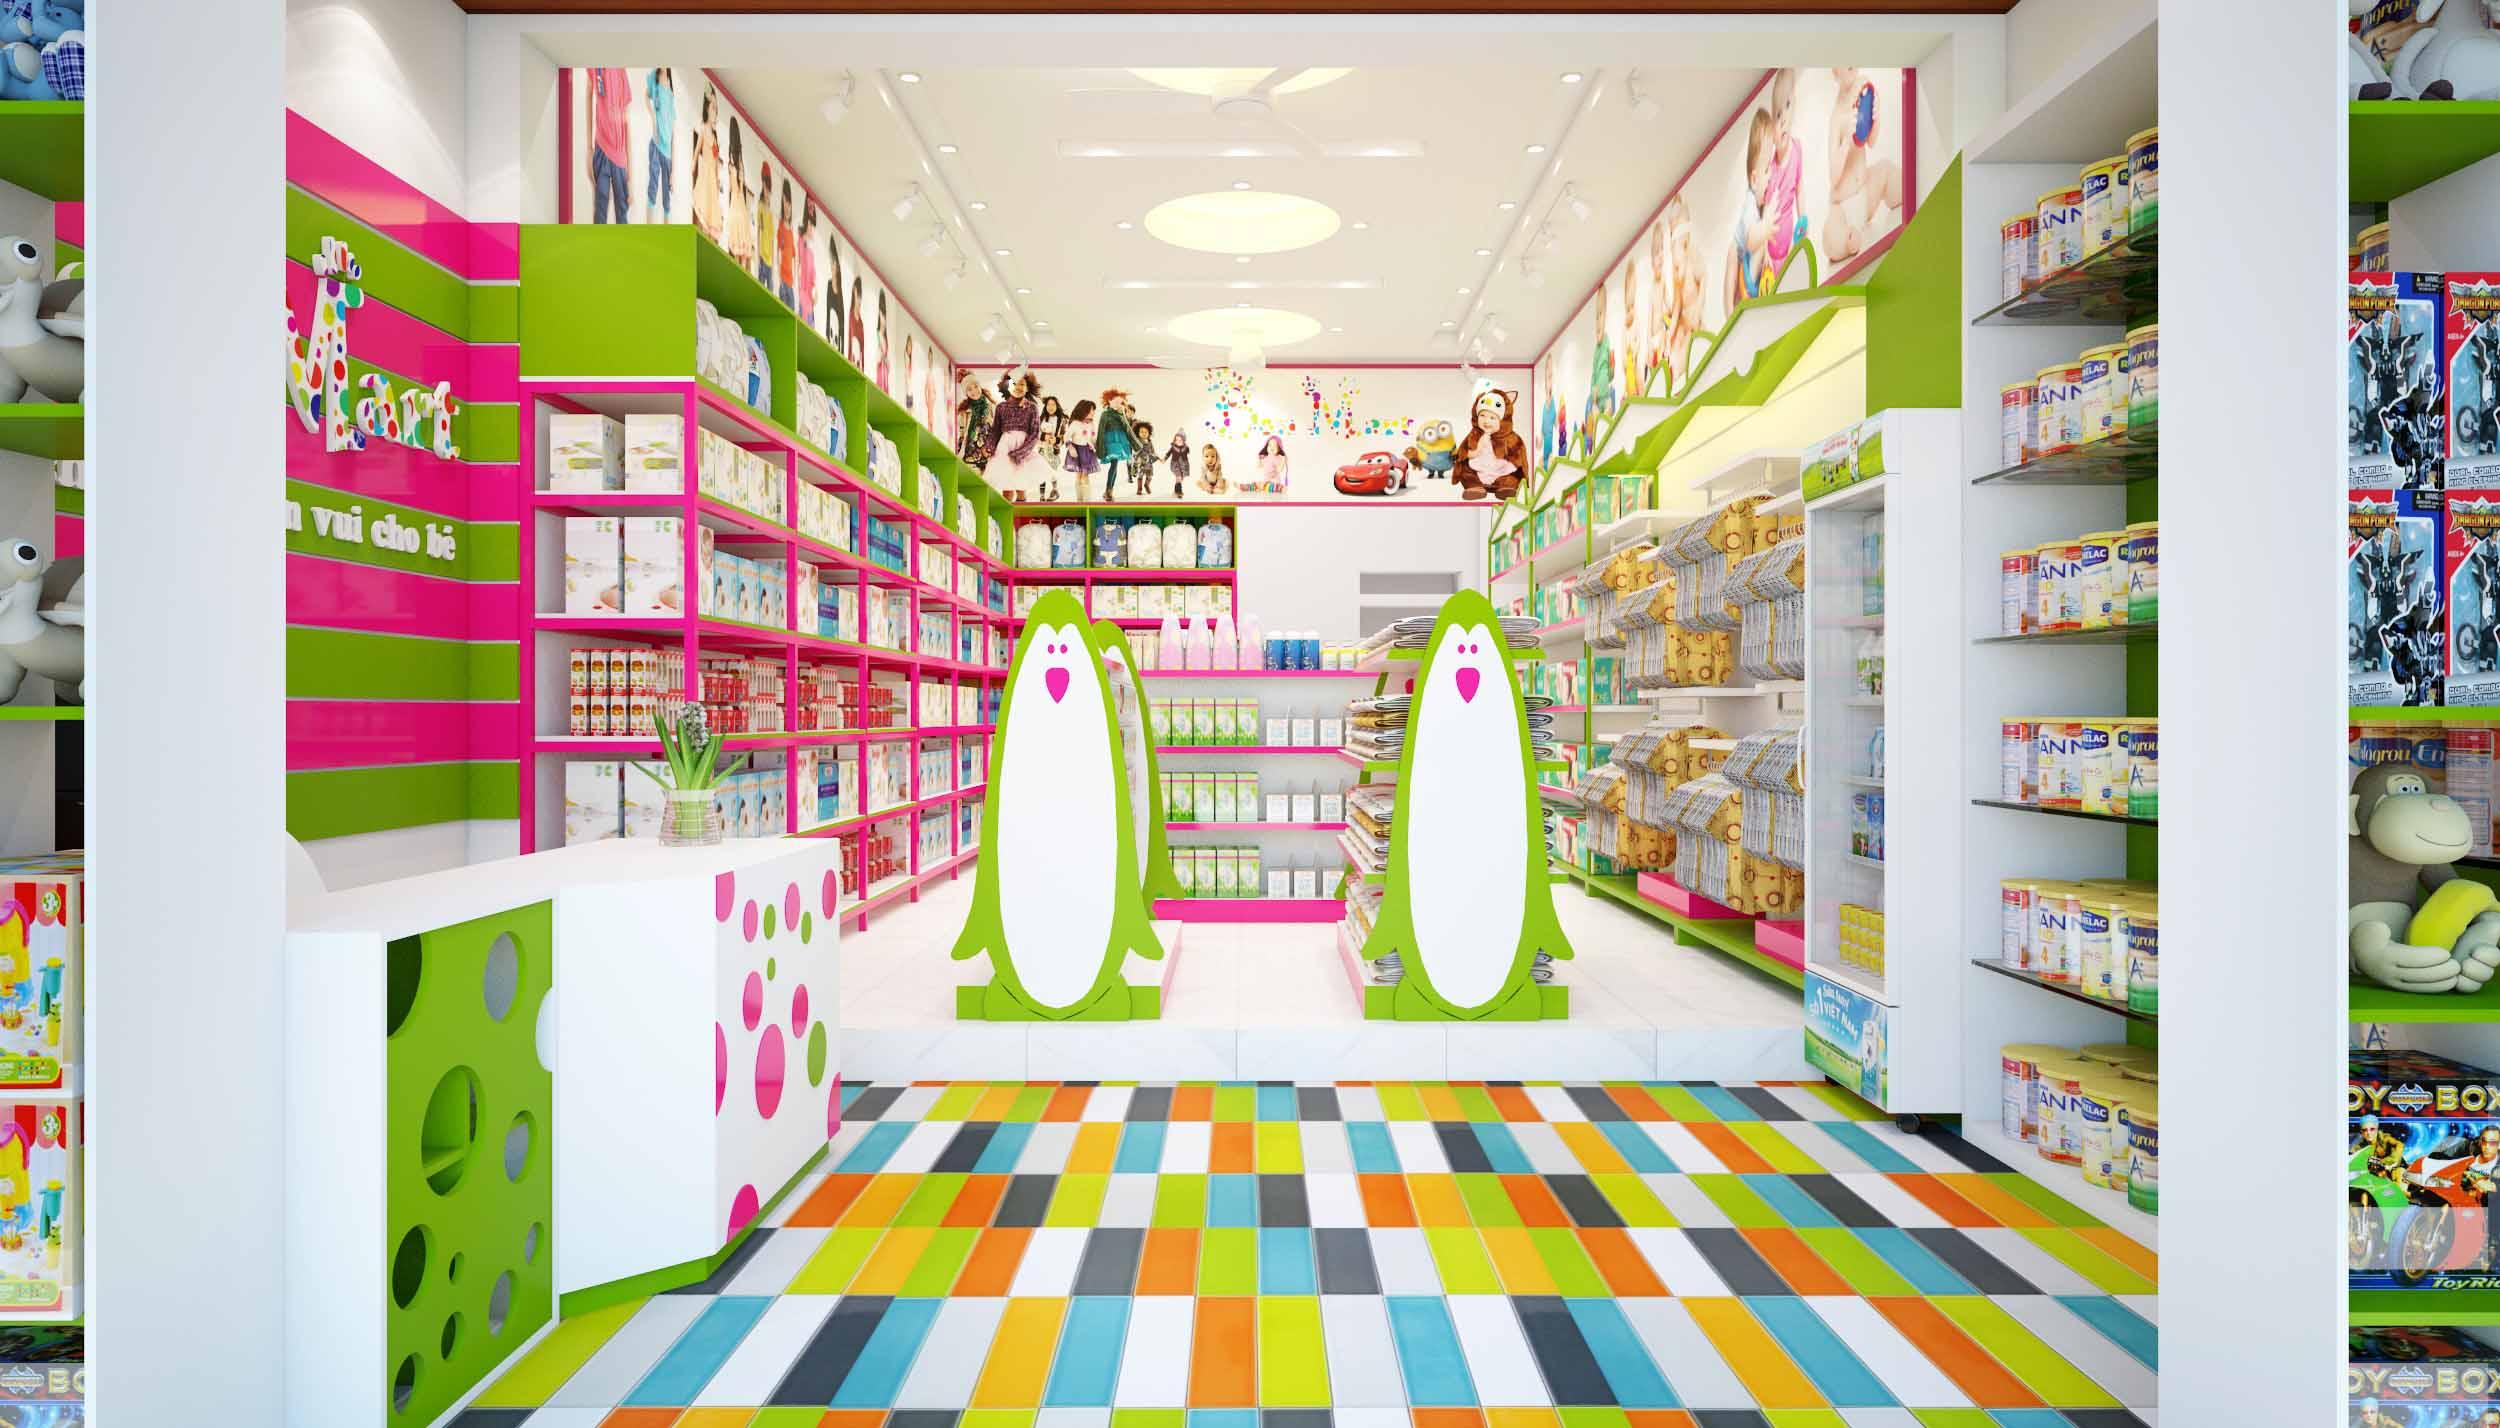 Thiết kế nội thất Shop mẹ và bé Bon Mart diện tích 50m2